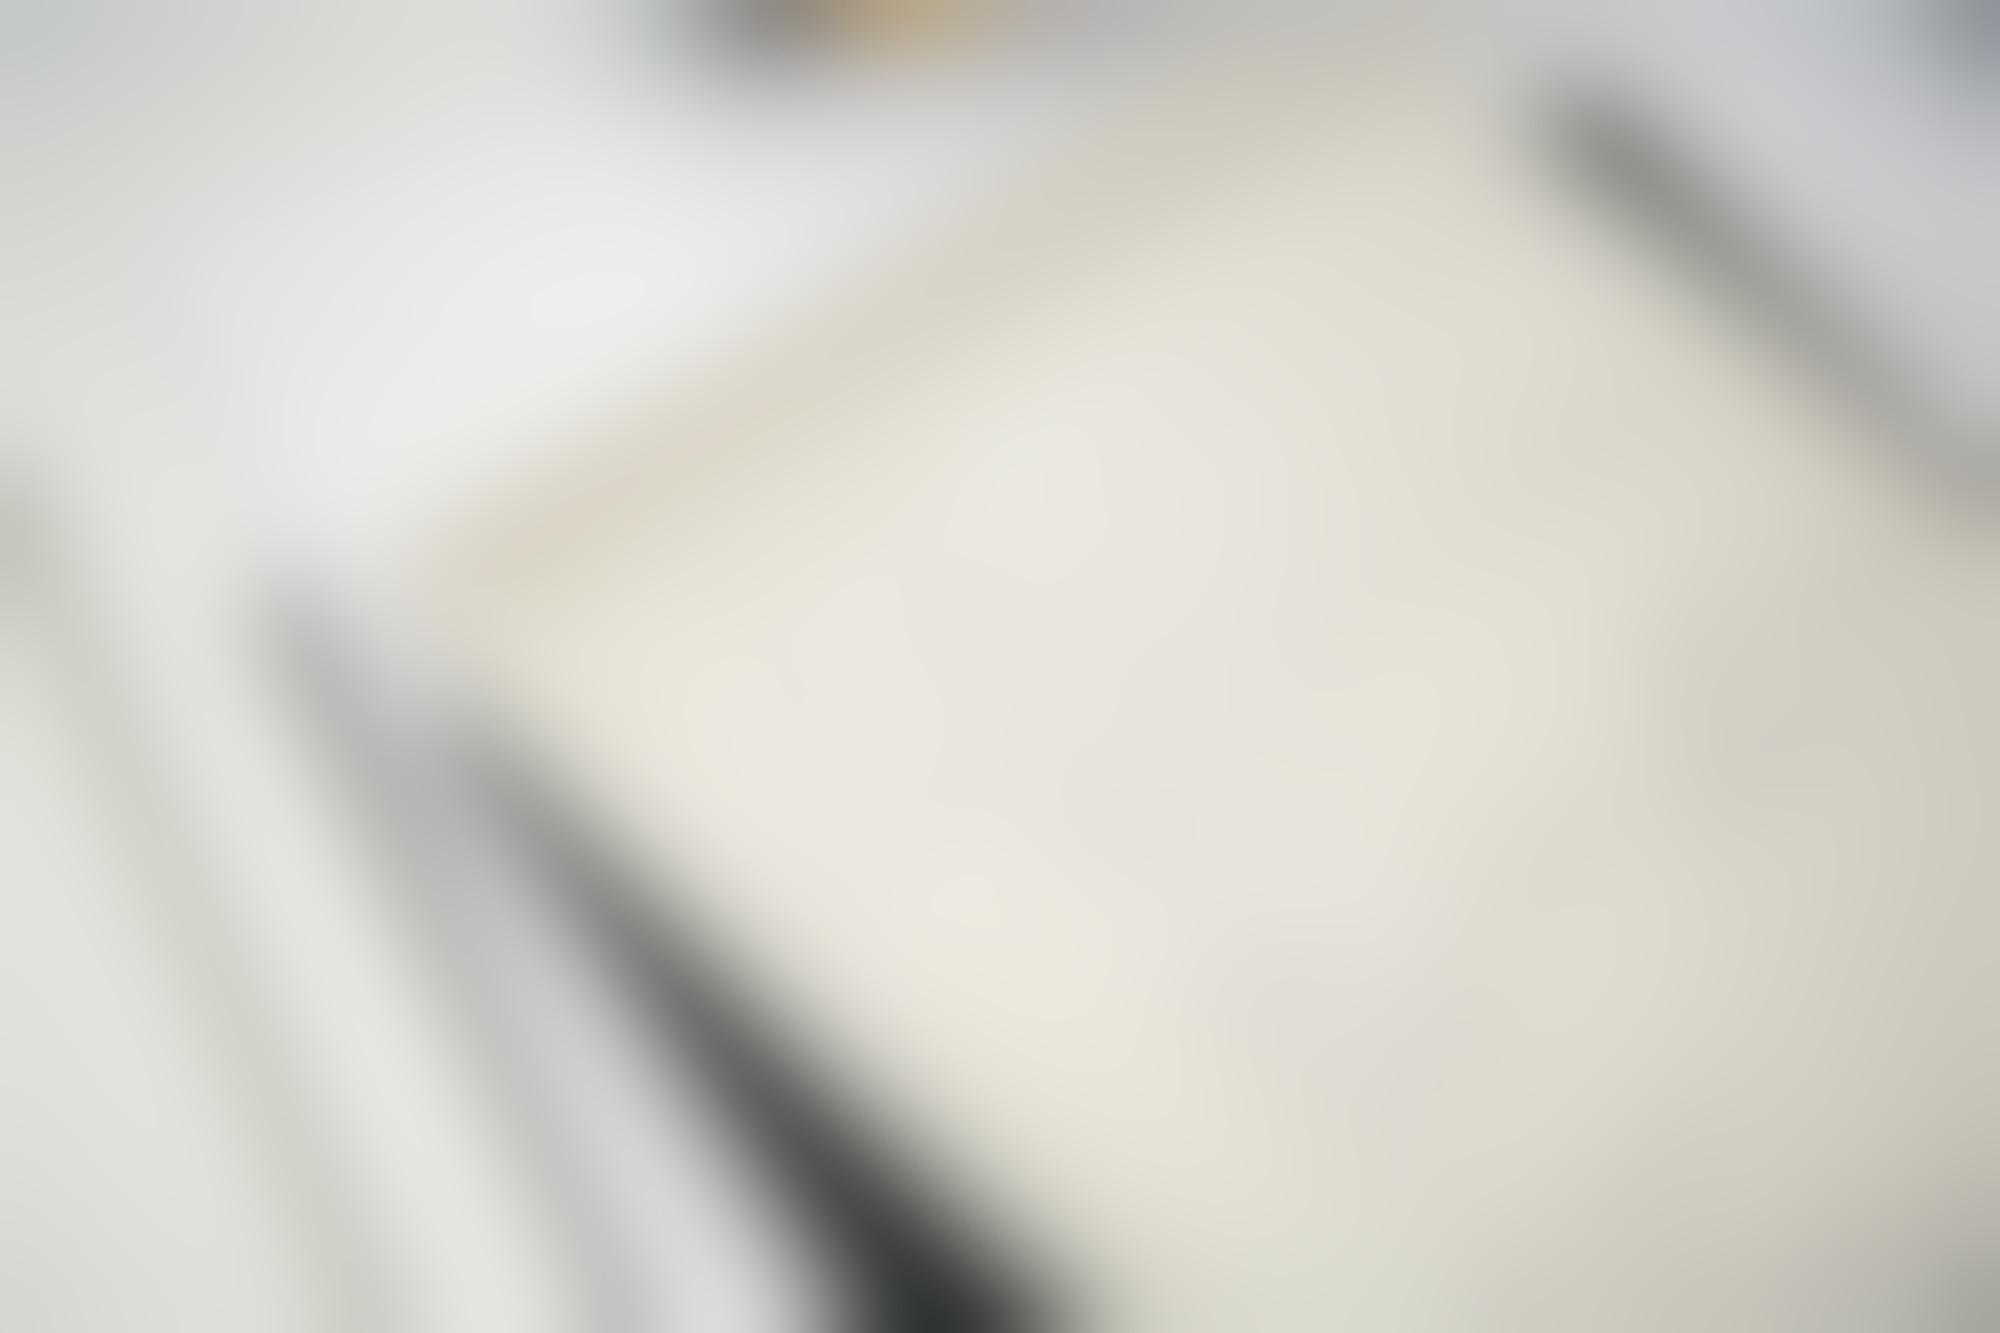 Detail reedwords 3 autocompressfitresizeixlibphp 1 1 0max h2000max w3 D2000q80scb1d16088ac4a0497982a6659304ff42